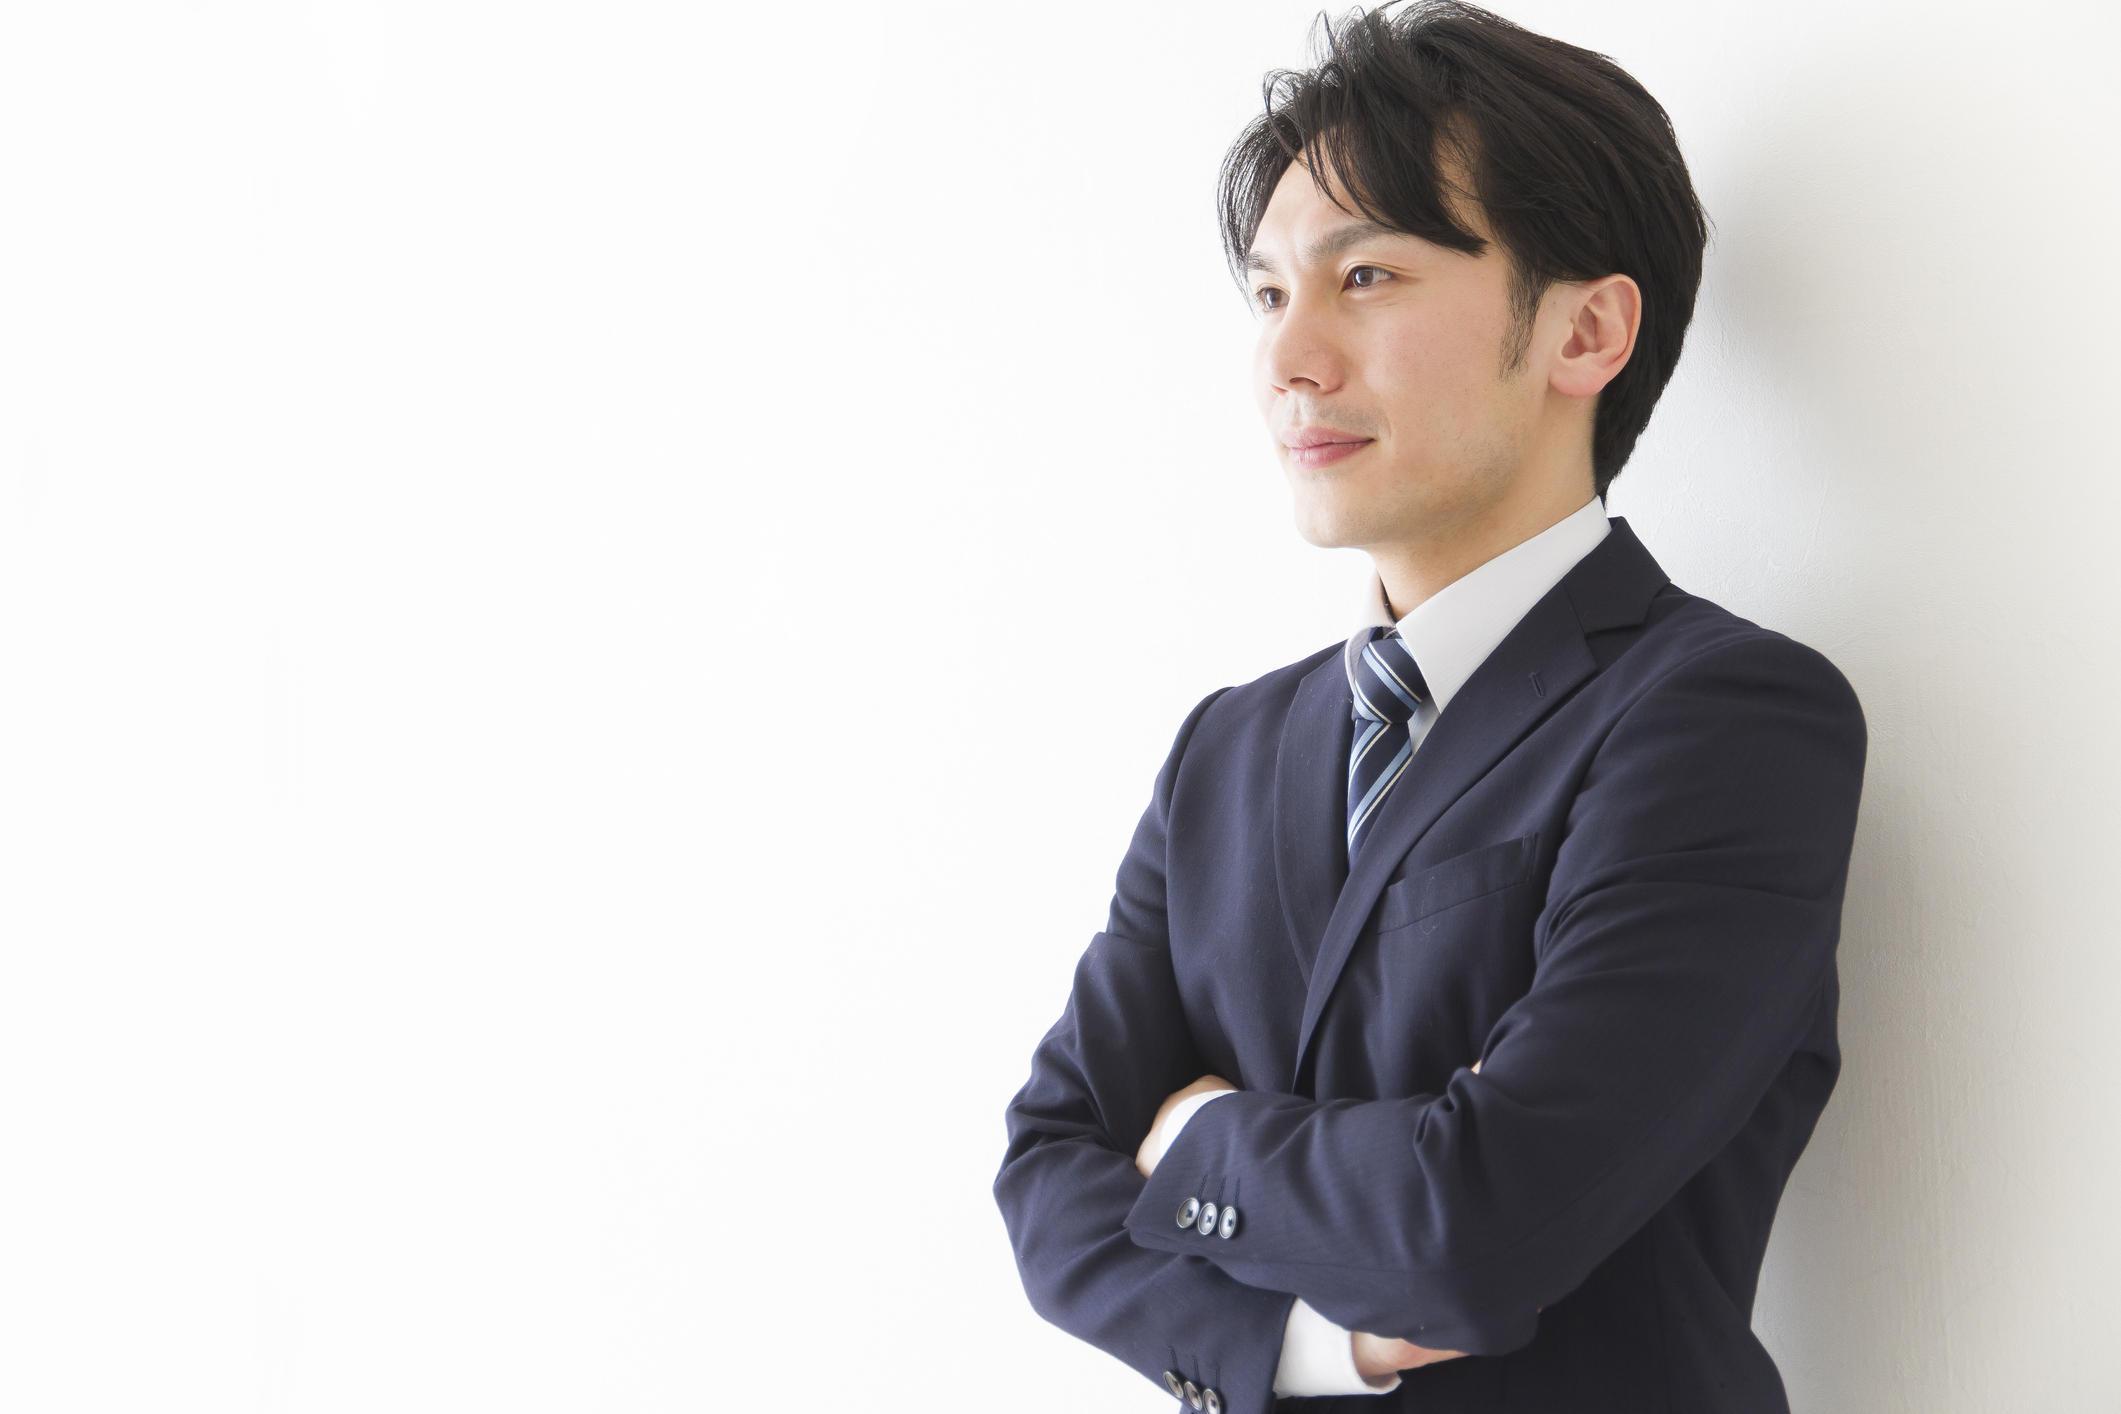 【福岡県久留米市】理想の職場へと転職成功!薬剤師として誇りを持って働けるようになりました